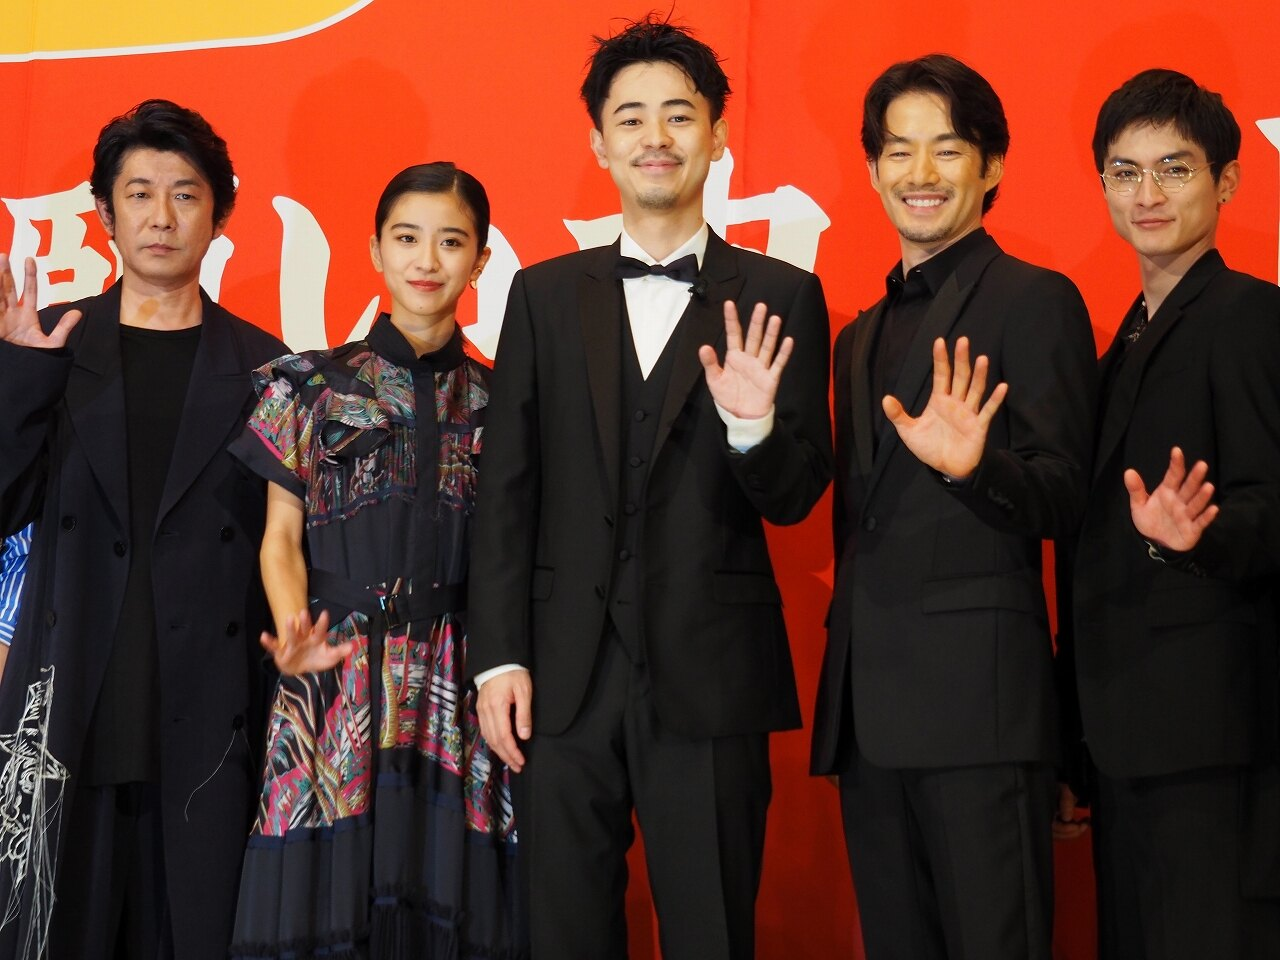 映画『カツベン!』公開記念舞台挨拶が開催!